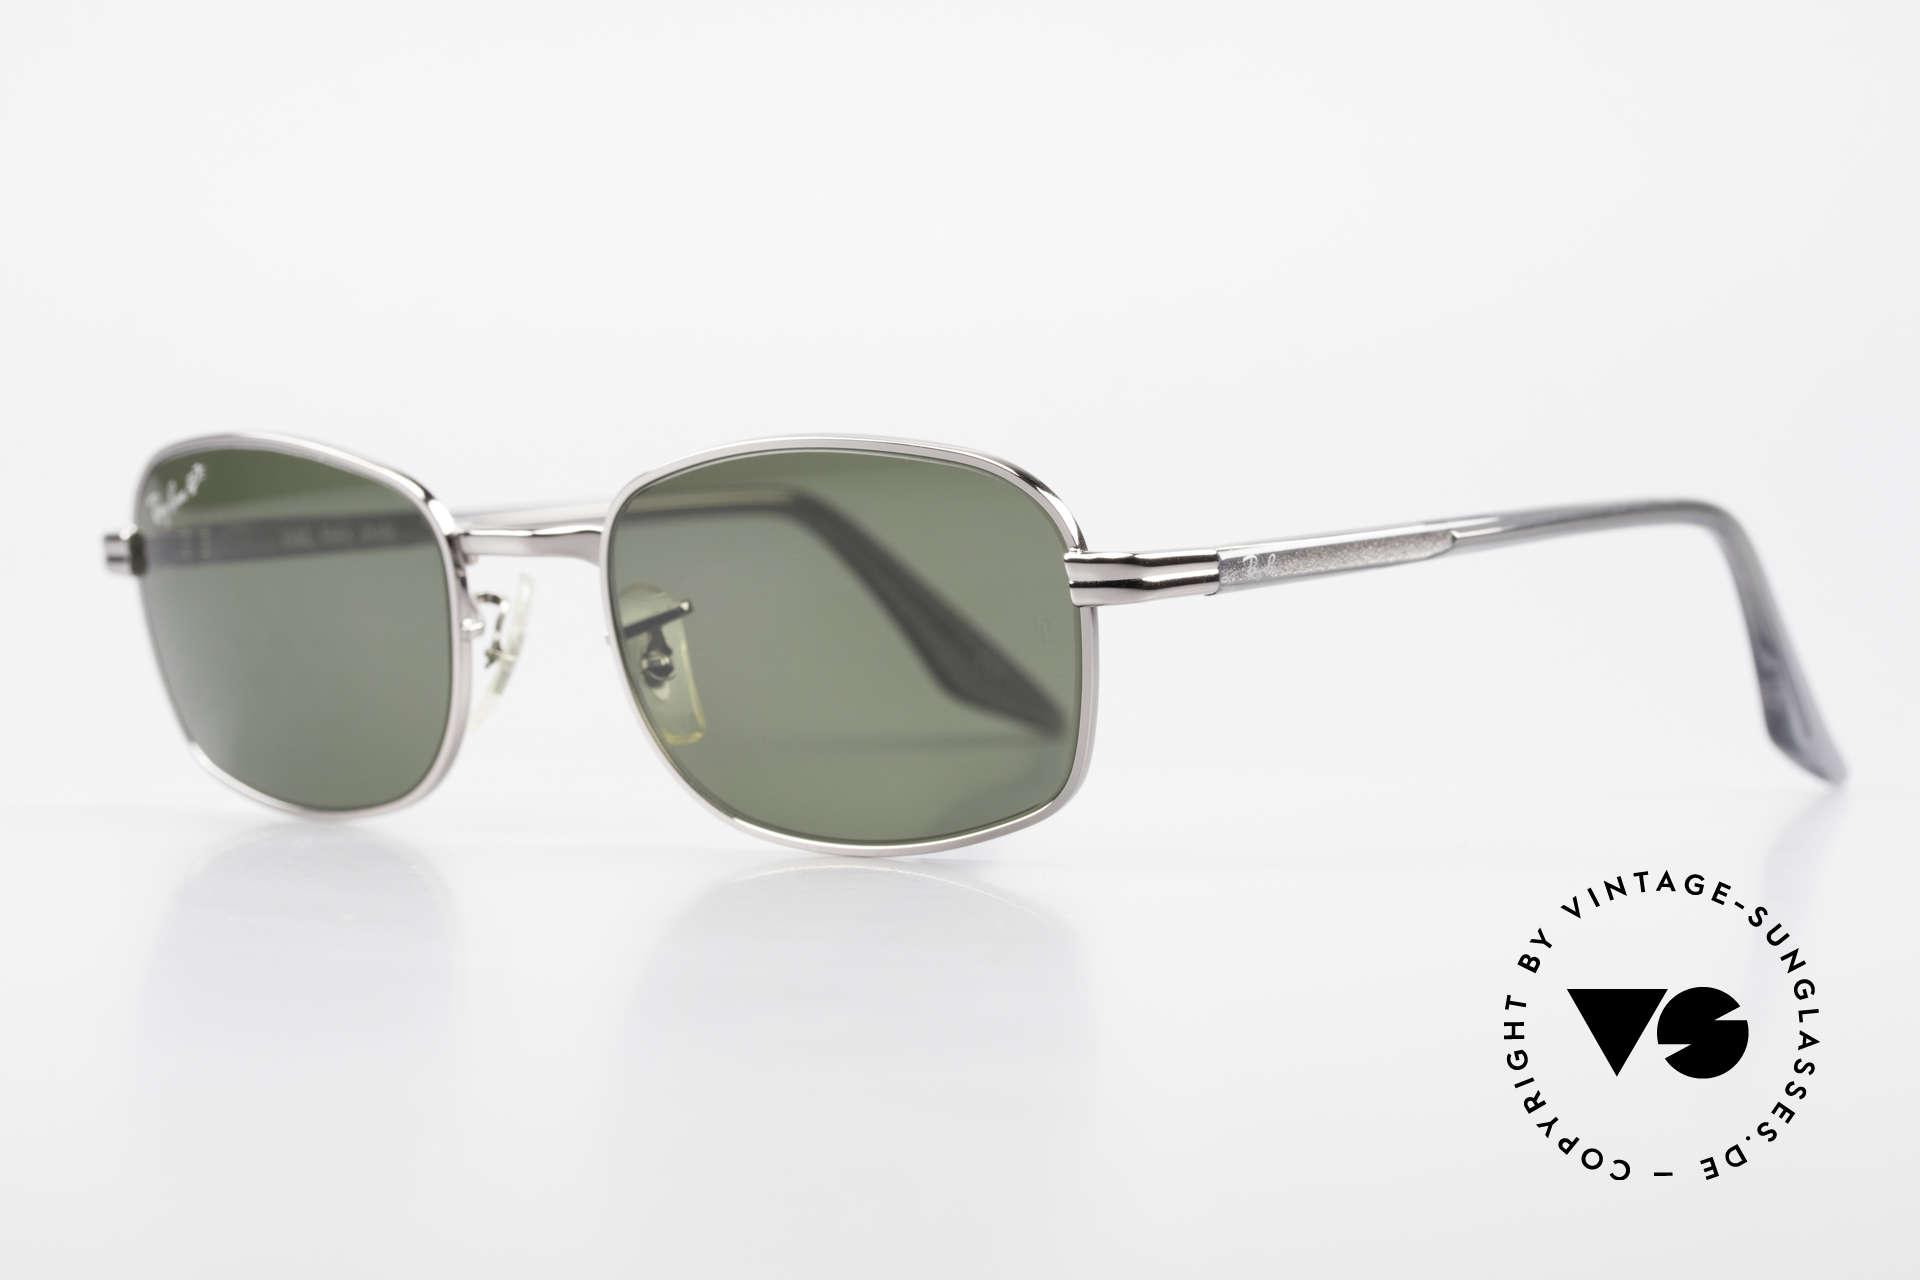 Ray Ban Sidestreet Crosswalk Square Polarisierende Brille, 1999 wurde RAY-BAN von B&L and Luxottica verkauft, Passend für Herren